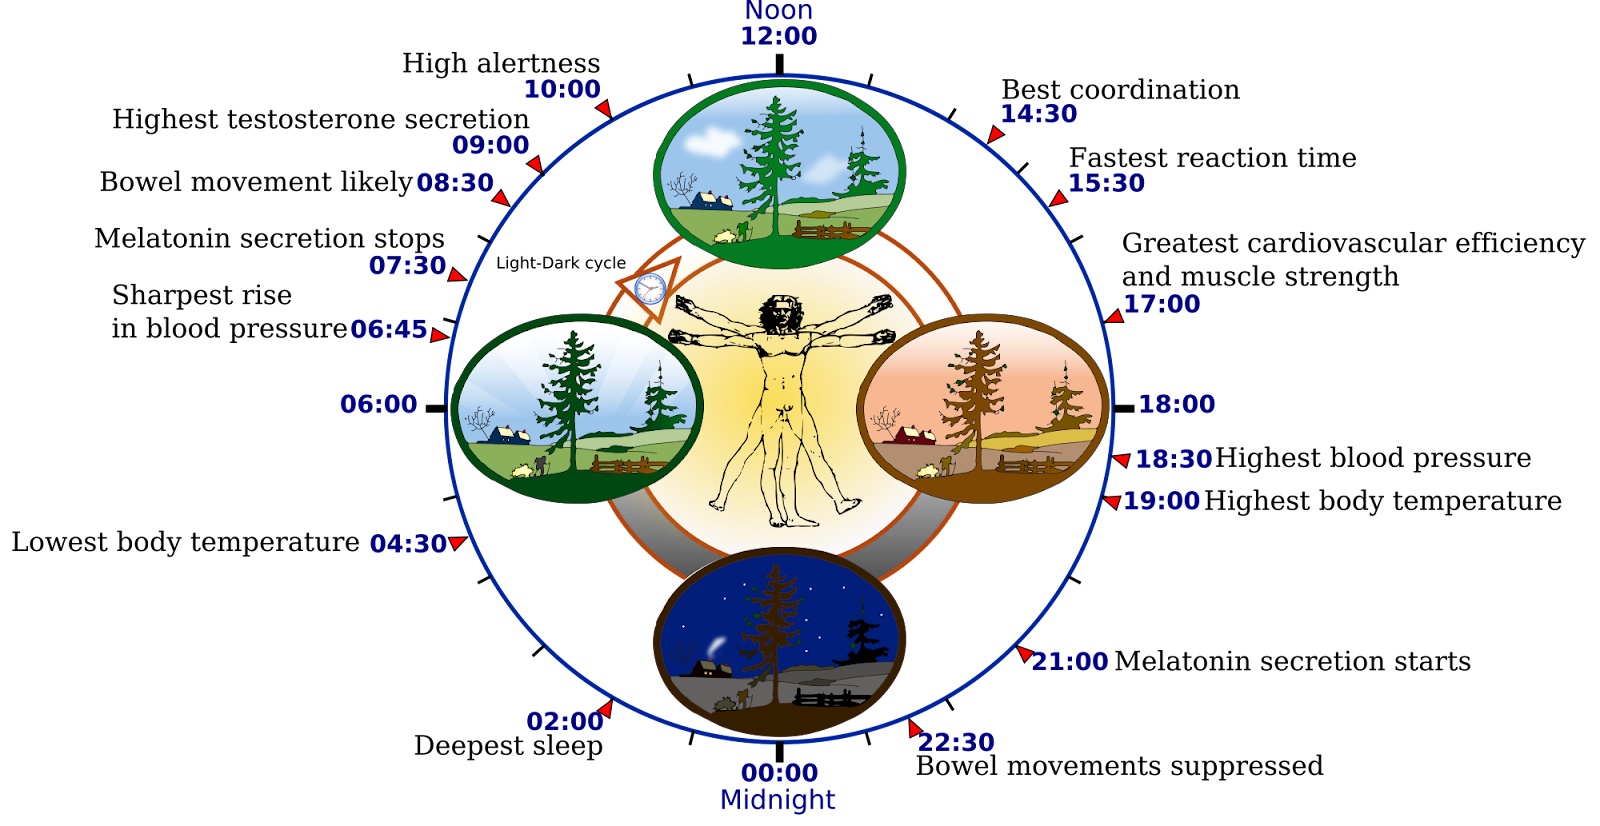 slaap verbeteren - circadiaans ritme